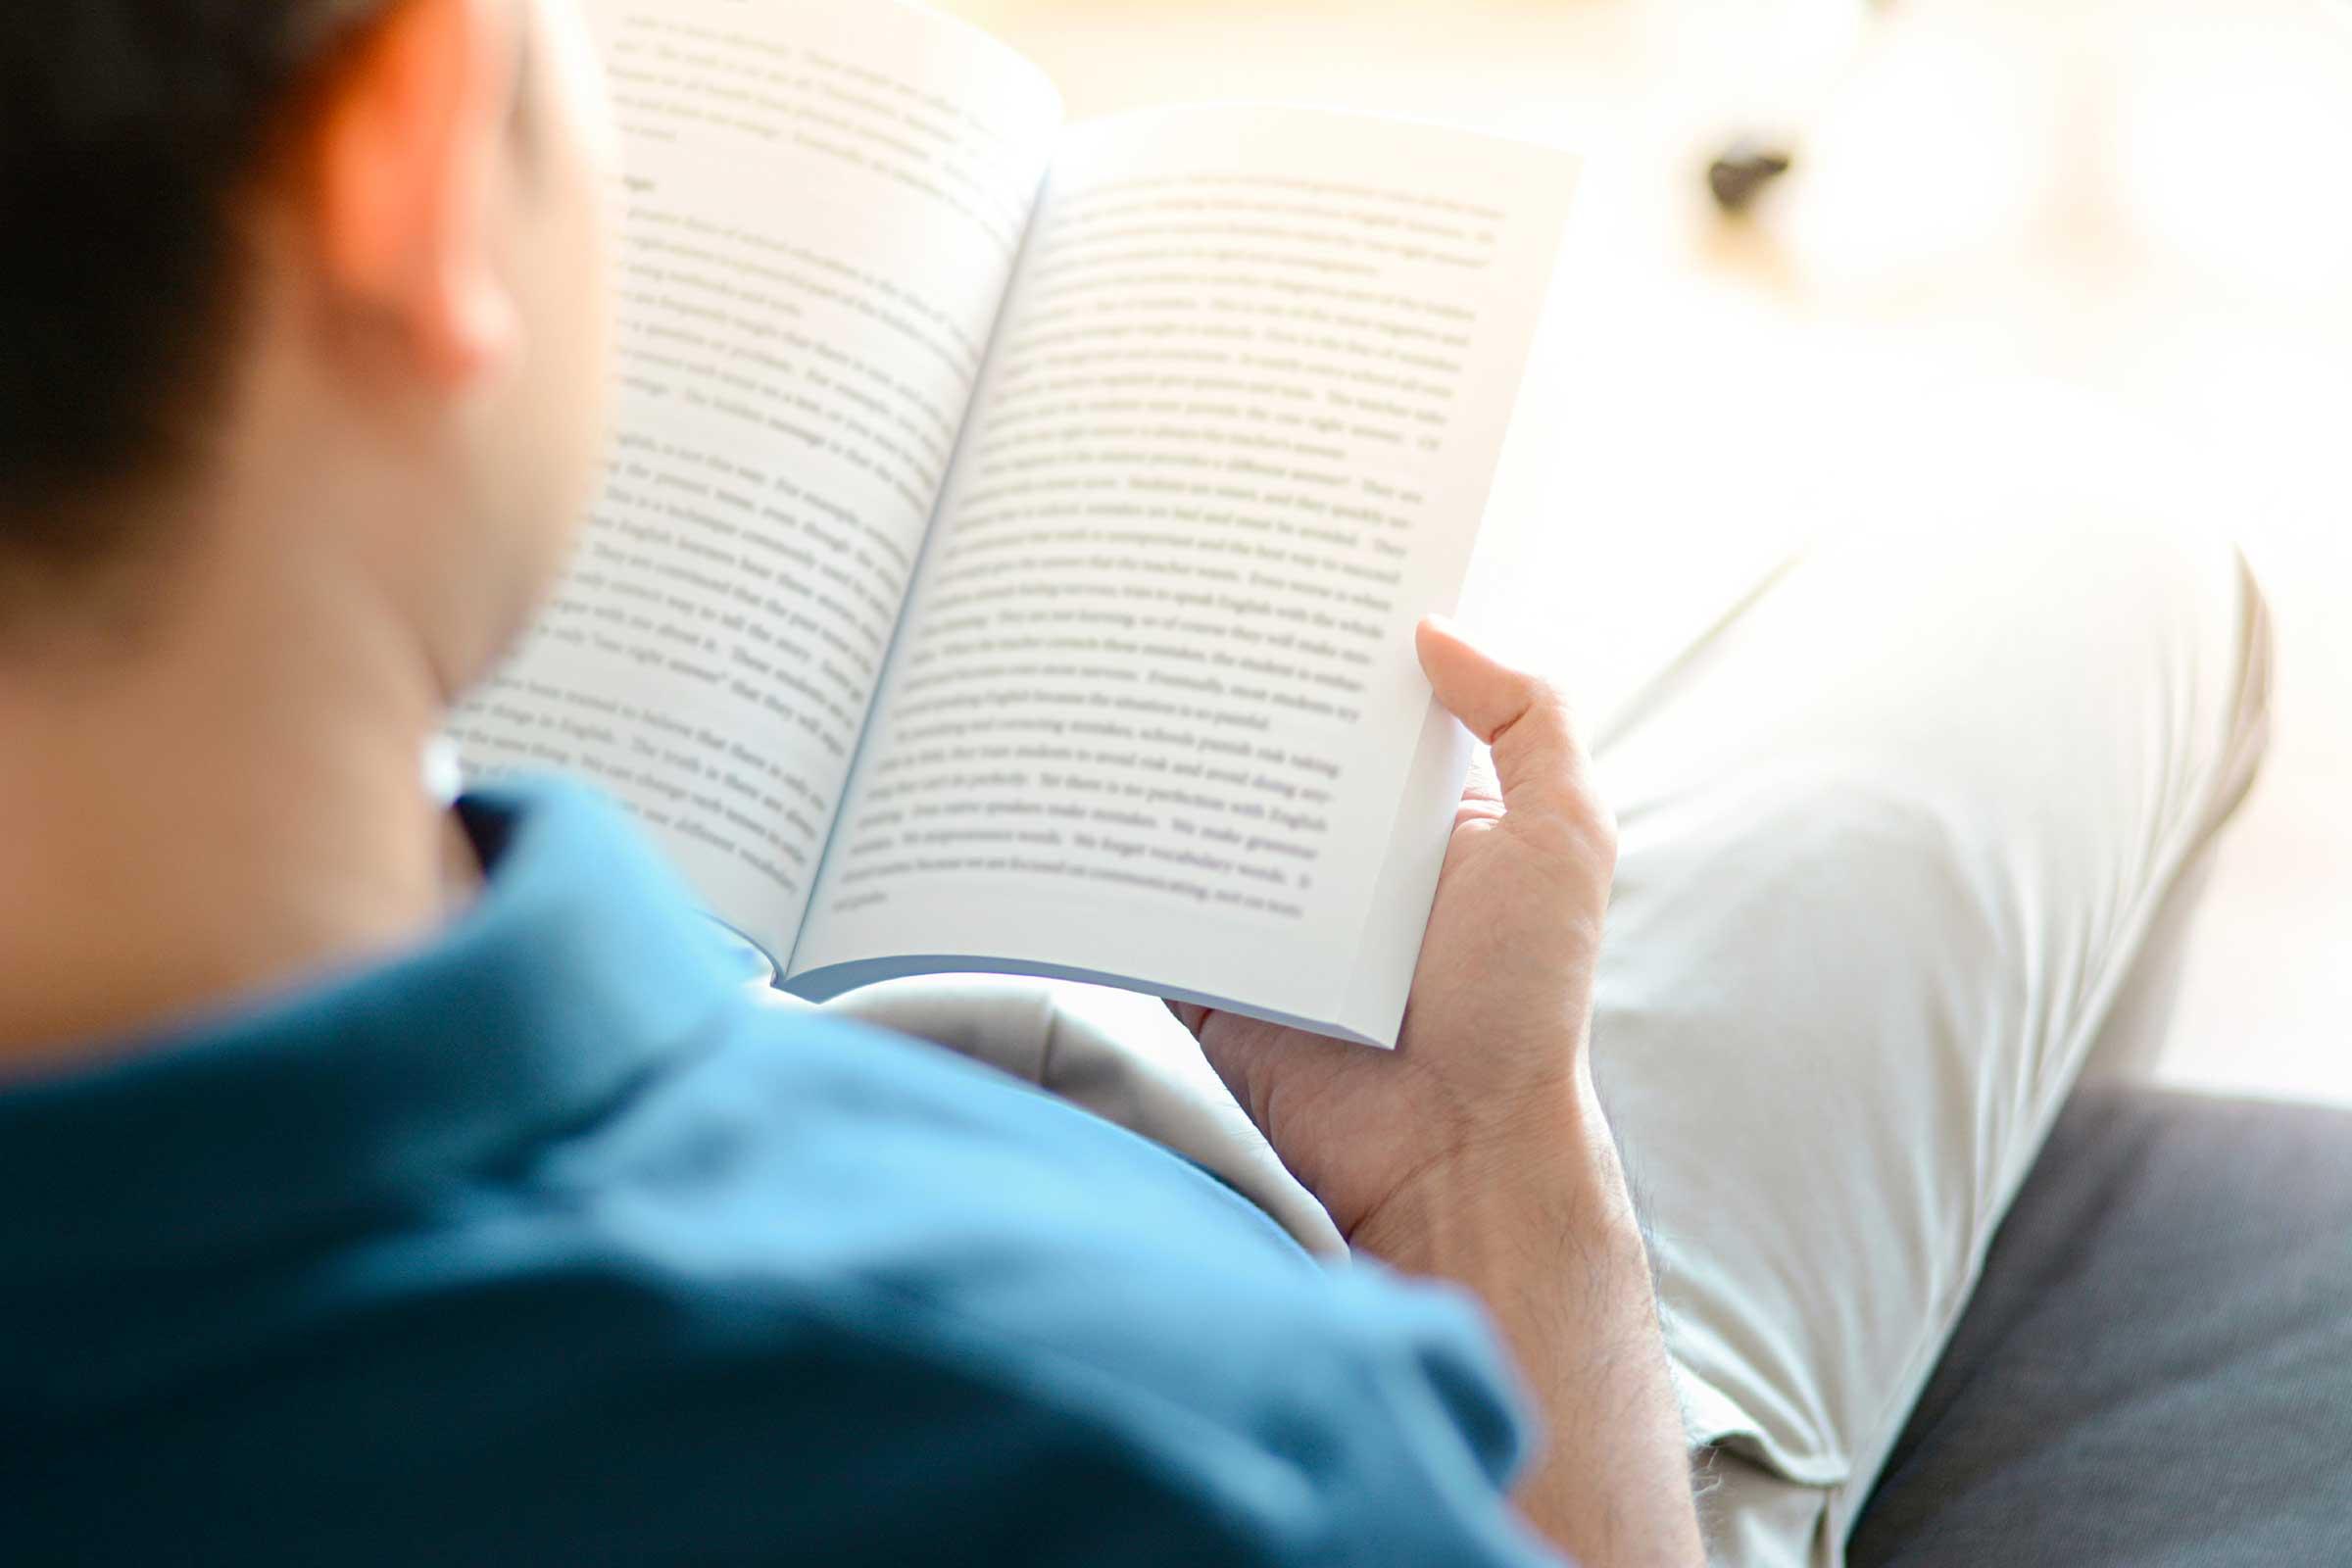 مطالعے کی عادت ڈپریشن کو کم کرنے میں مددگار ثابت ہوسکتی ہے، ماہرین